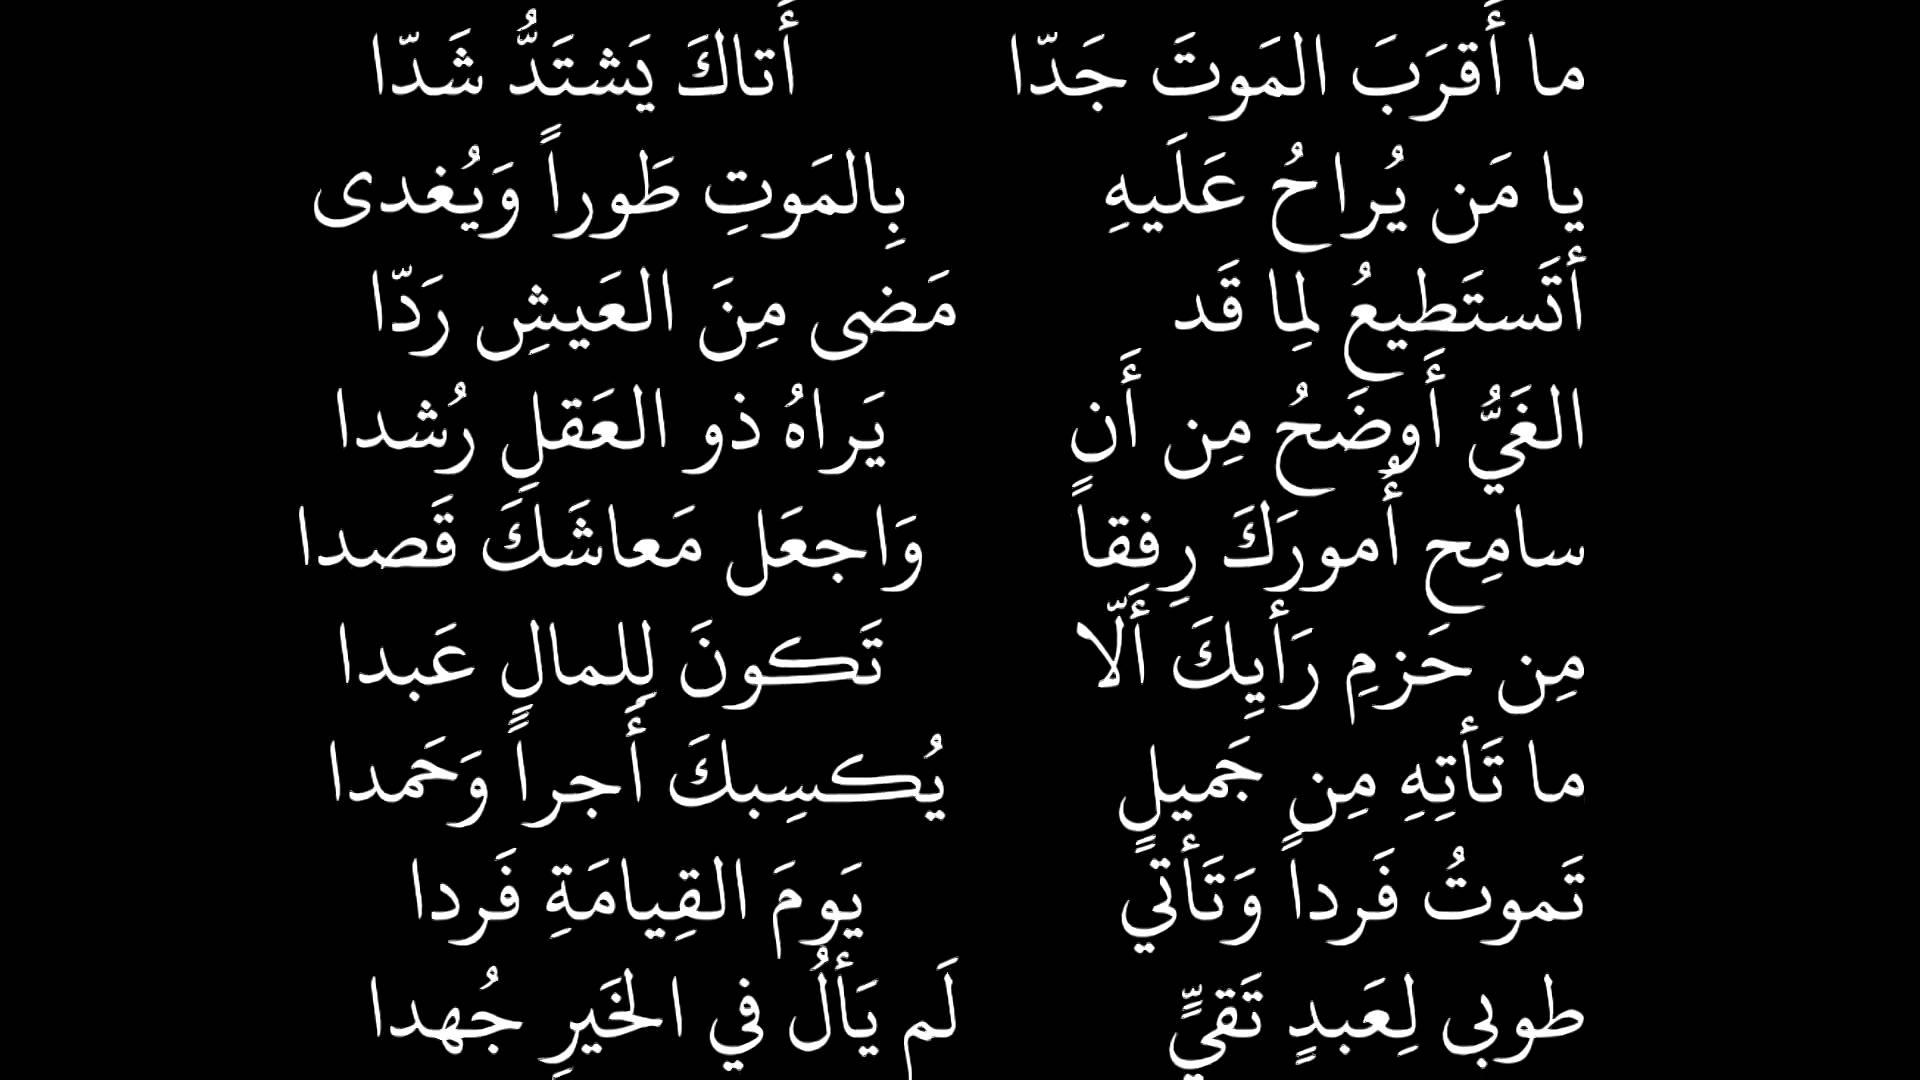 كلمات حزينة عن الموت صور مكتوب عليها اصعب كلام حزين عن الموت المميز